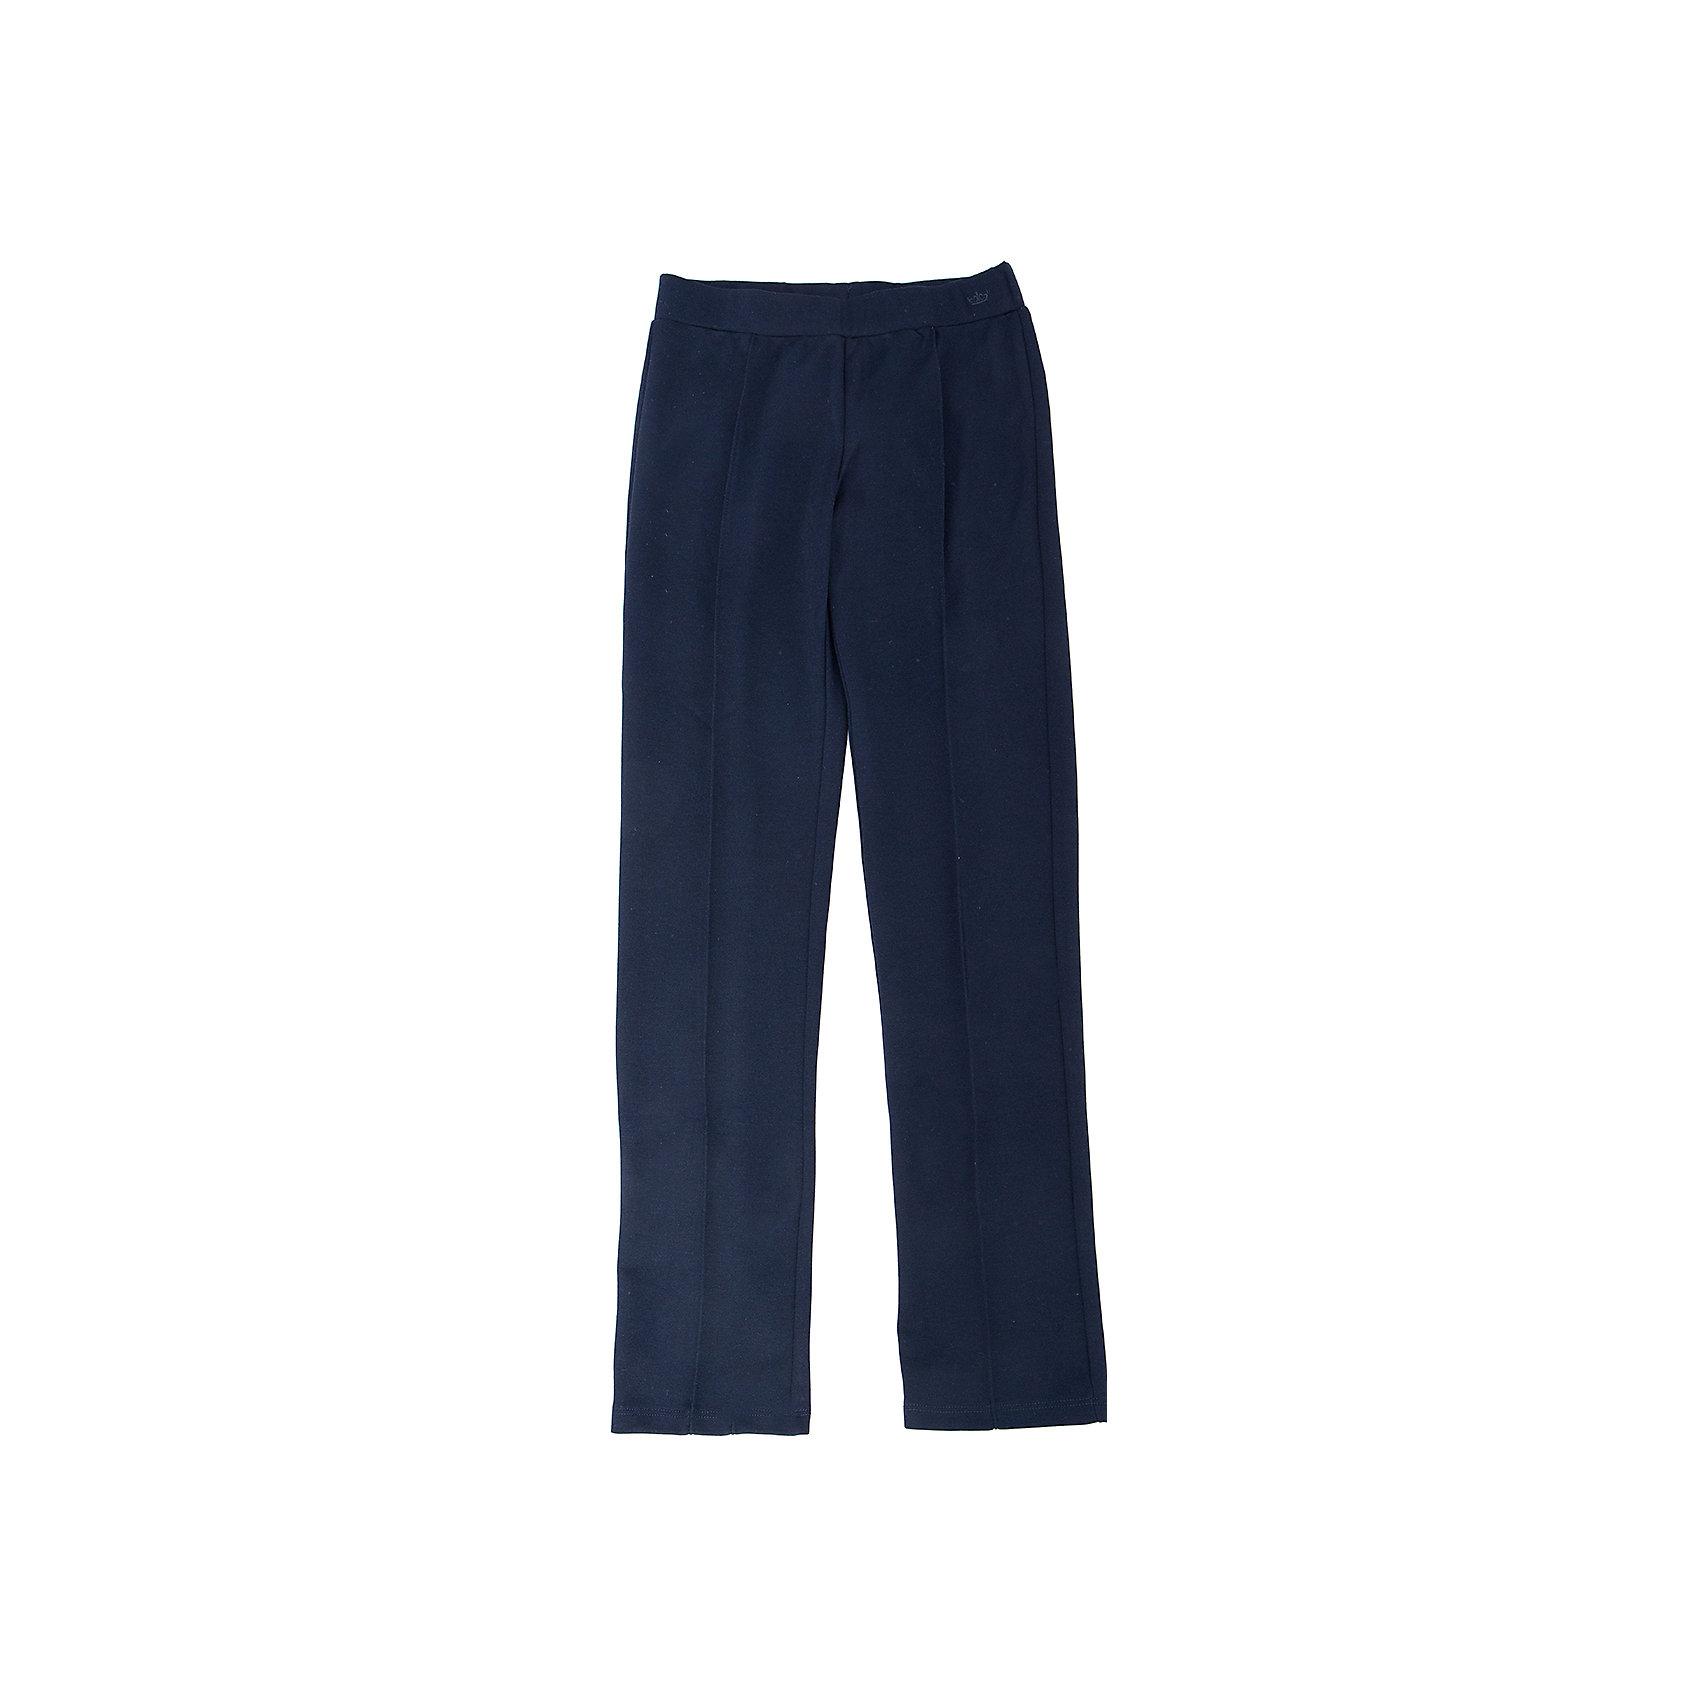 Брюки для девочки SELAБрюки<br>Брюки для девочки из коллекции осень-зима 2016-2017 от известного бренда SELA. Удобные брюки на каждый день идеальны для нового школьного сезона. В этой модели отсутствуют карманы и застежка на молнии, брюки имеют эластичную резинку. Строгие стрелки на брюках отражают серьезность их обладательницы, к этим брюкам отлично подойдут блузки и пиджаки.<br><br>Дополнительная информация:<br>- Силуэт прилегающий<br>Состав: 60% ПЭ, 35% вискоза, 5% эластан<br><br>Брюки для девочек Sela можно купить в нашем интернет-магазине.<br>.<br>Подробнее:<br>• Для детей в возрасте: от 6 до 12 лет<br>• Номер товара: 4913271<br>Страна производитель: Китай<br><br>Ширина мм: 215<br>Глубина мм: 88<br>Высота мм: 191<br>Вес г: 336<br>Цвет: синий<br>Возраст от месяцев: 132<br>Возраст до месяцев: 144<br>Пол: Женский<br>Возраст: Детский<br>Размер: 152,146,128,116,122,134,140<br>SKU: 4913270